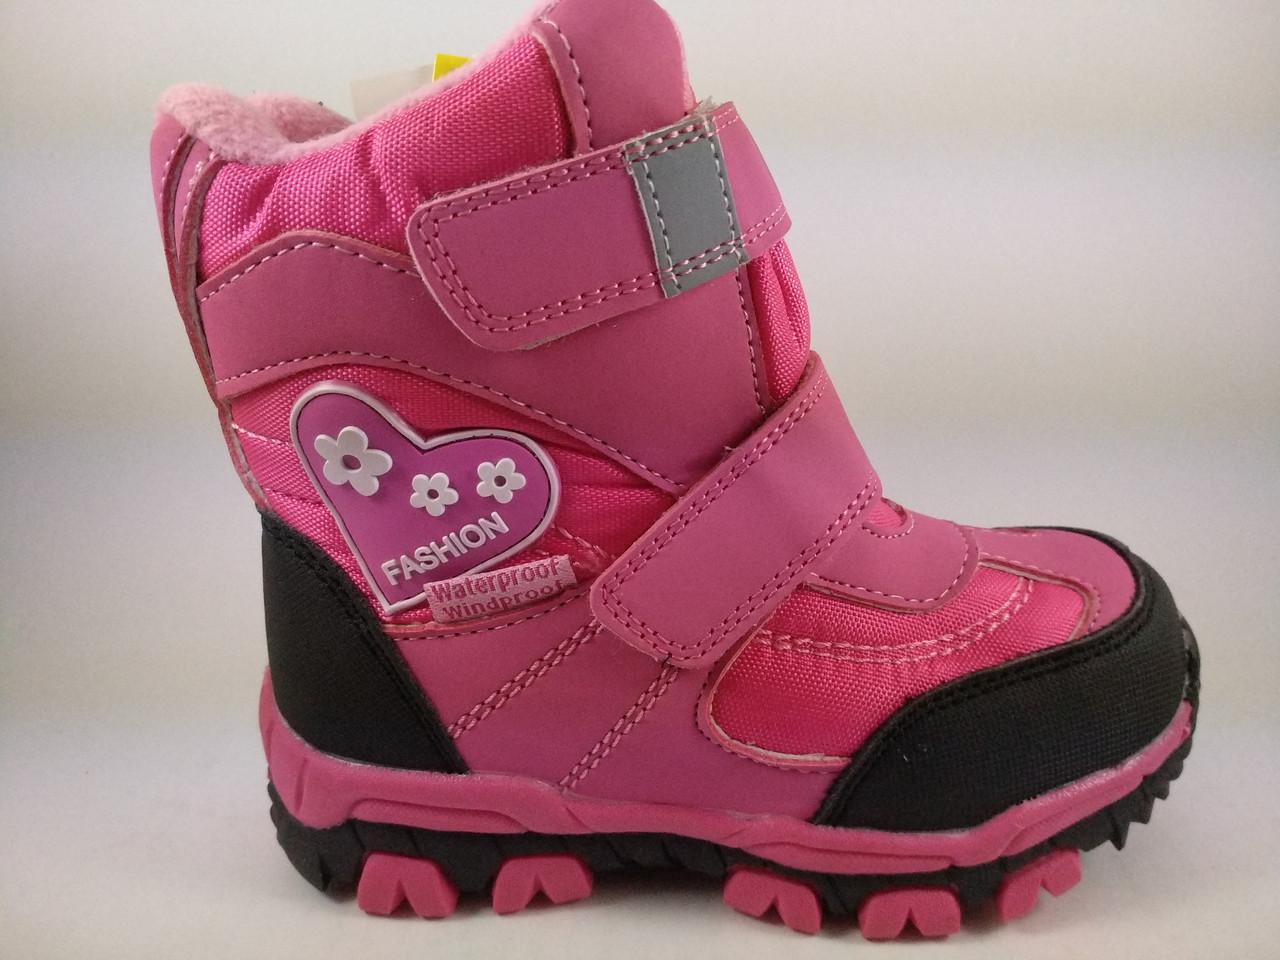 Термоботинки / сноубутсы для девочек, детские ботики розовые, Tom.m